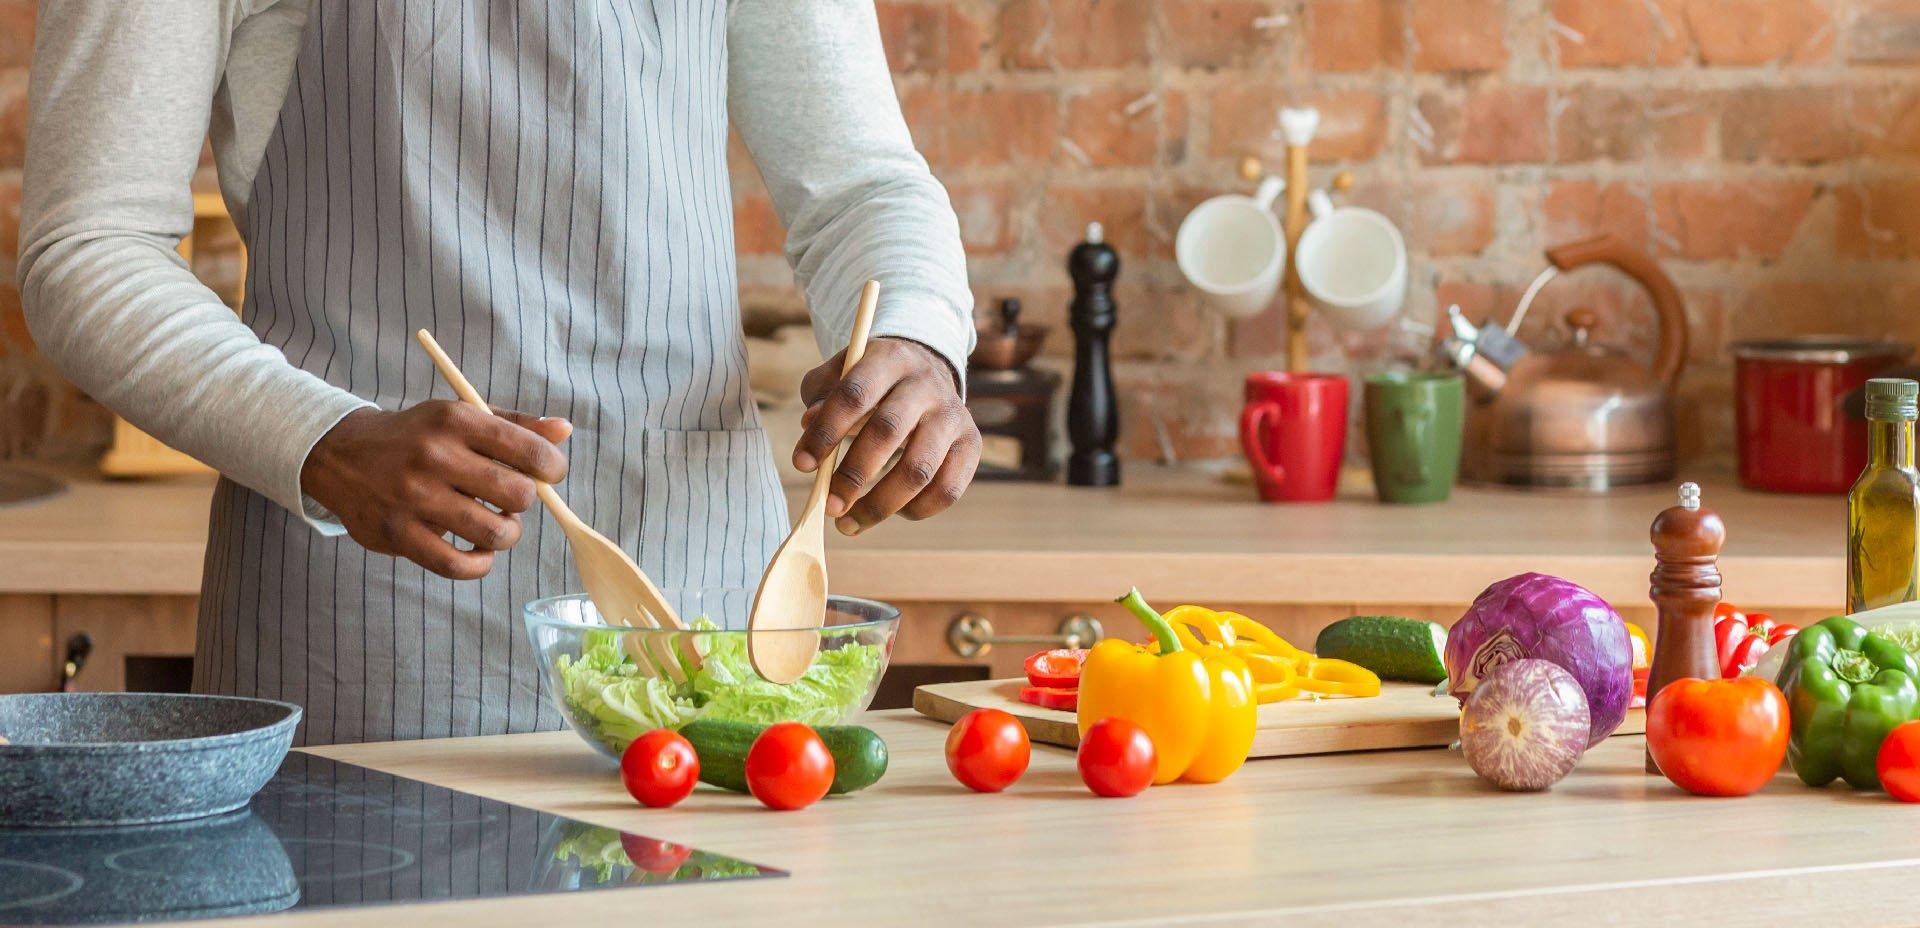 preparazione dell'insalata